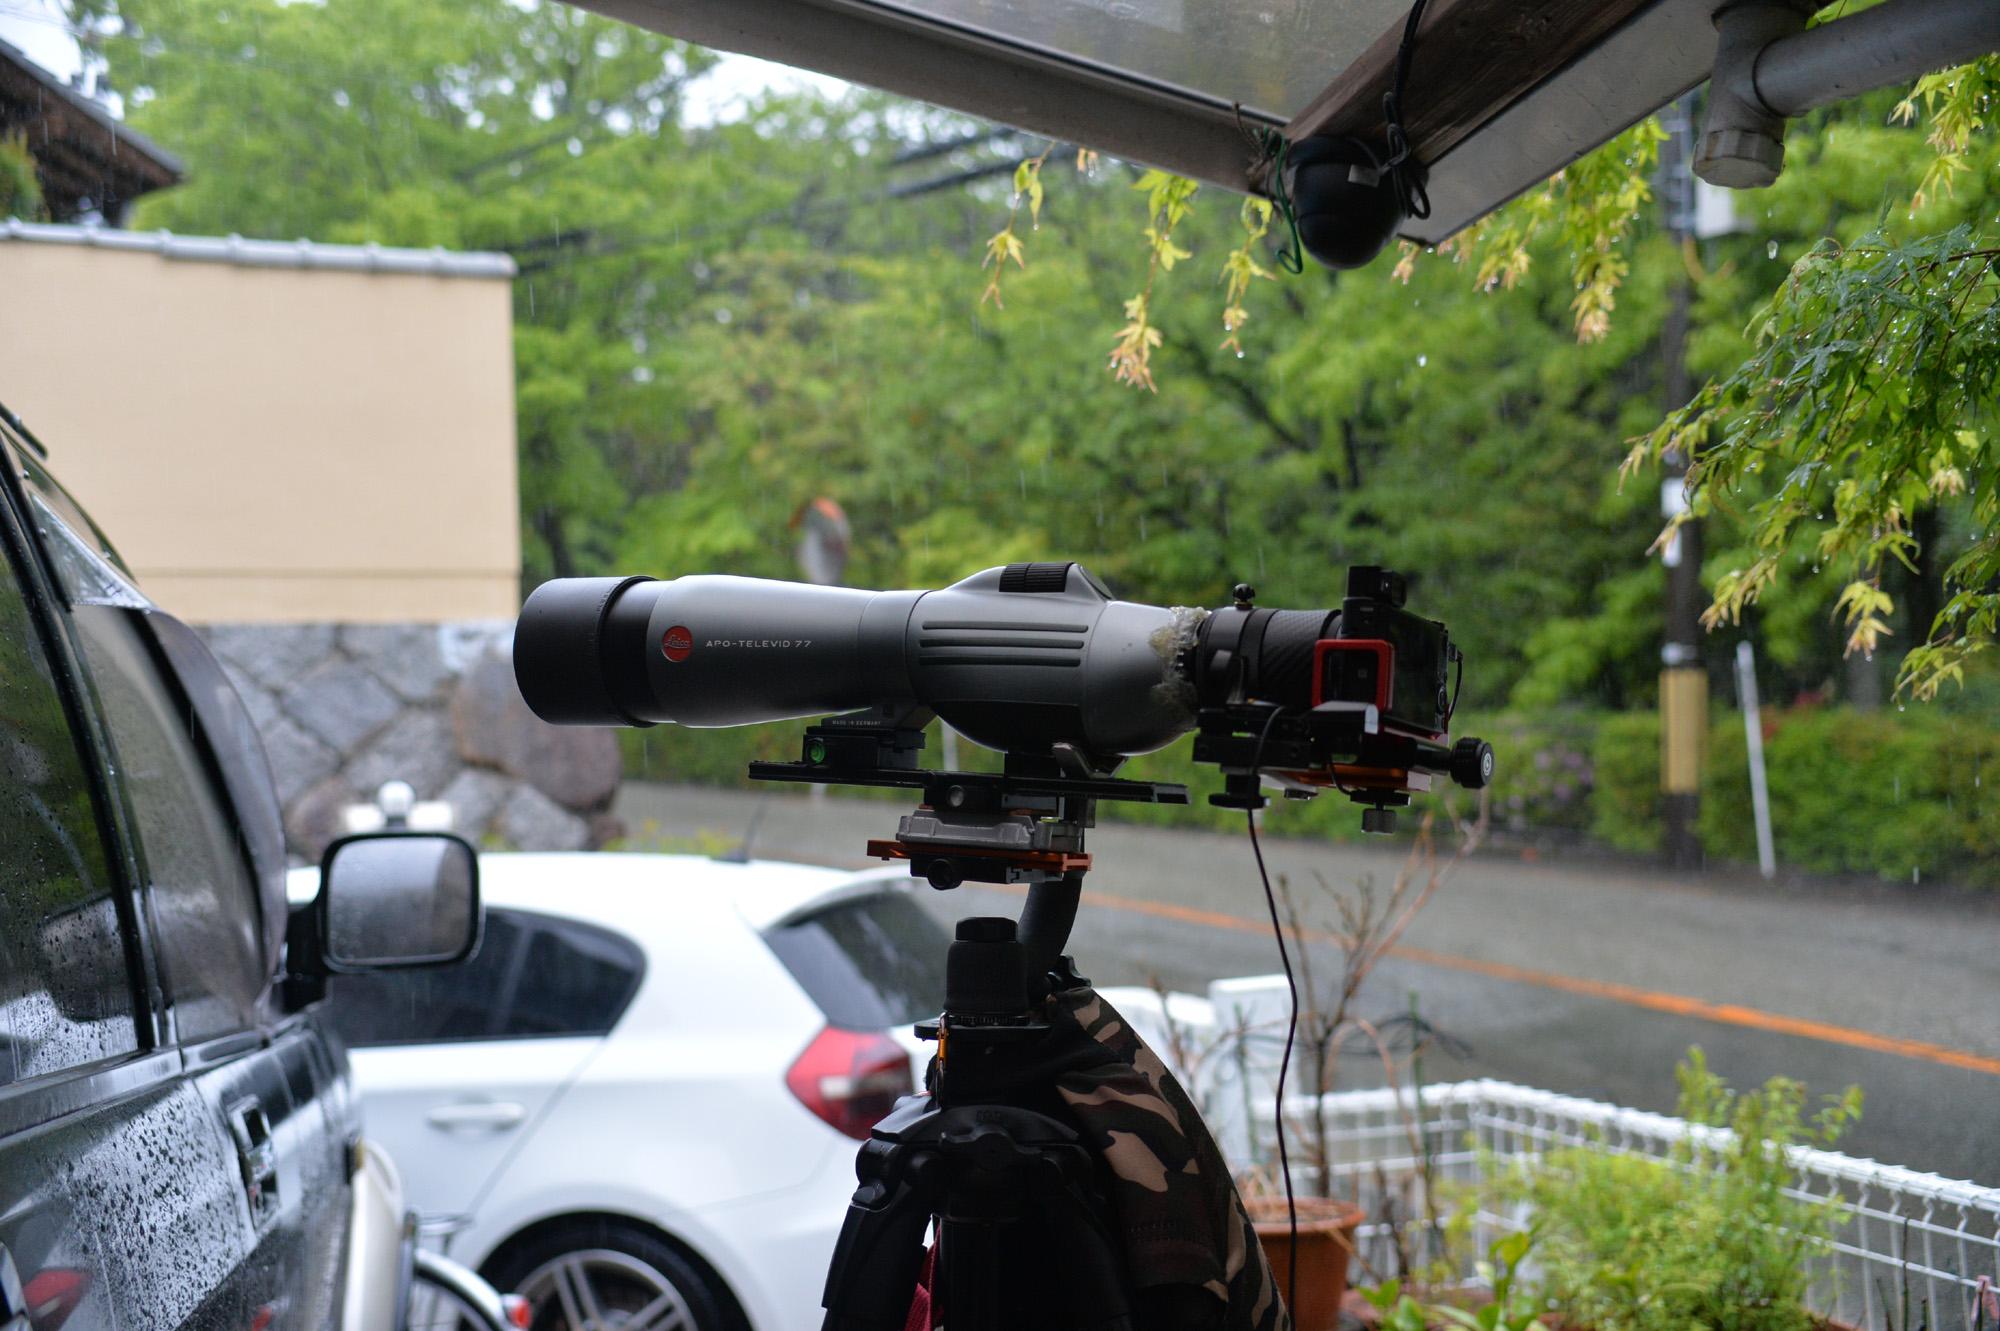 雨ですがデジスコのテスト撮影 APO-TELEVUD 77 + RX100M3 残念な結果!とまさかのiPhoneが…